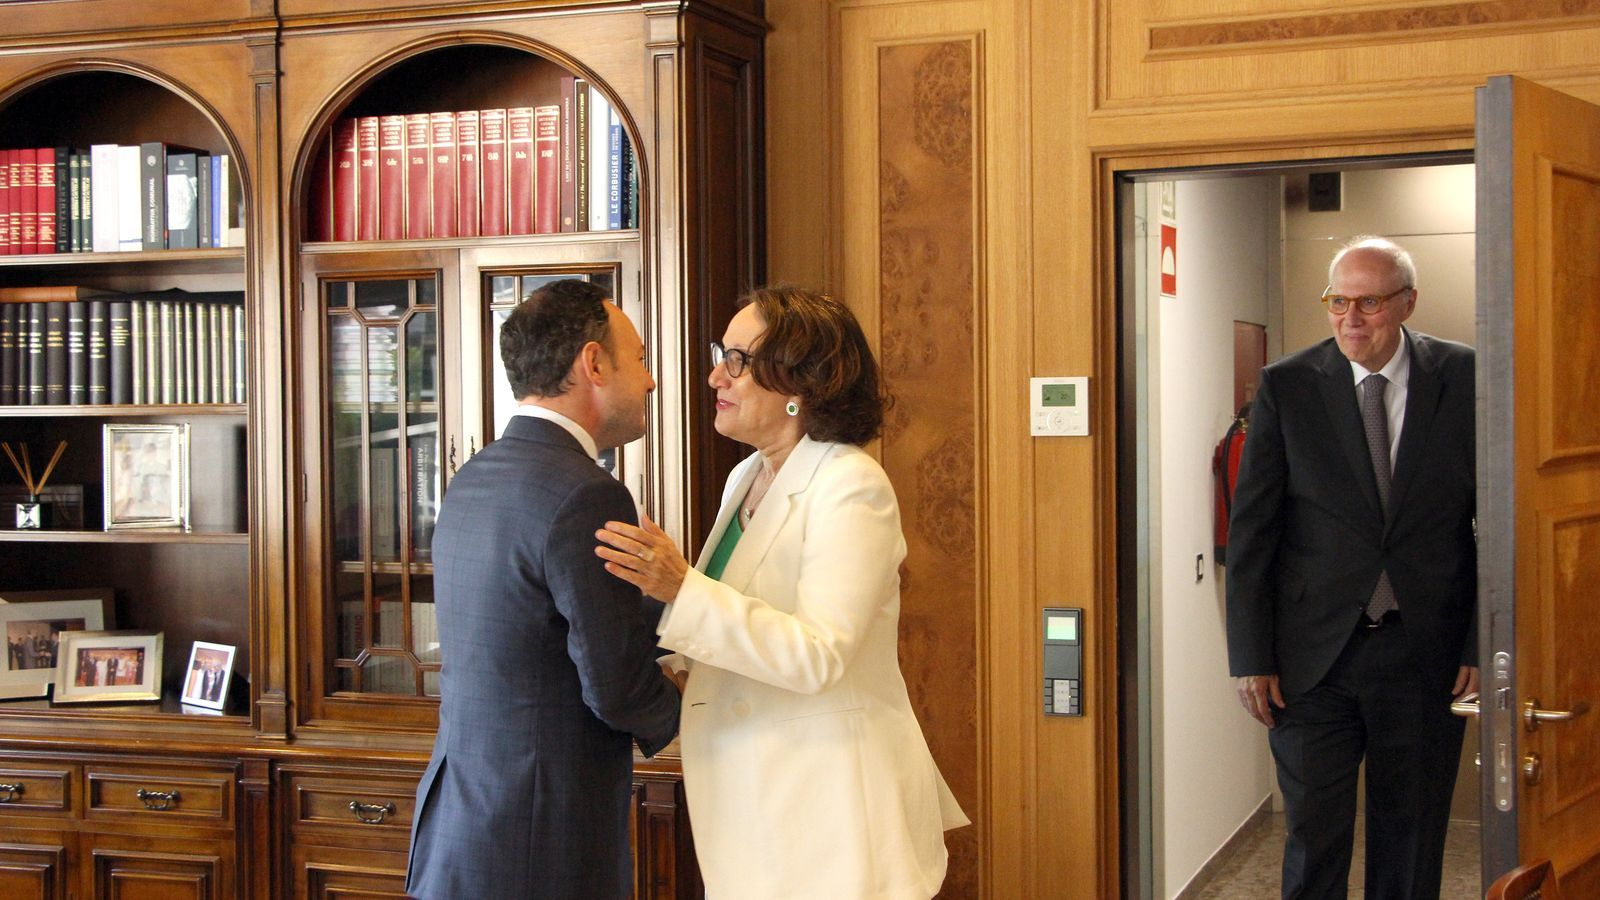 El cap de Govern, Xavier Espot, i la secretària general Iberoamericana, Rebeca Grynspan, minuts abans de començar la reunió. / C. G. (ANA)